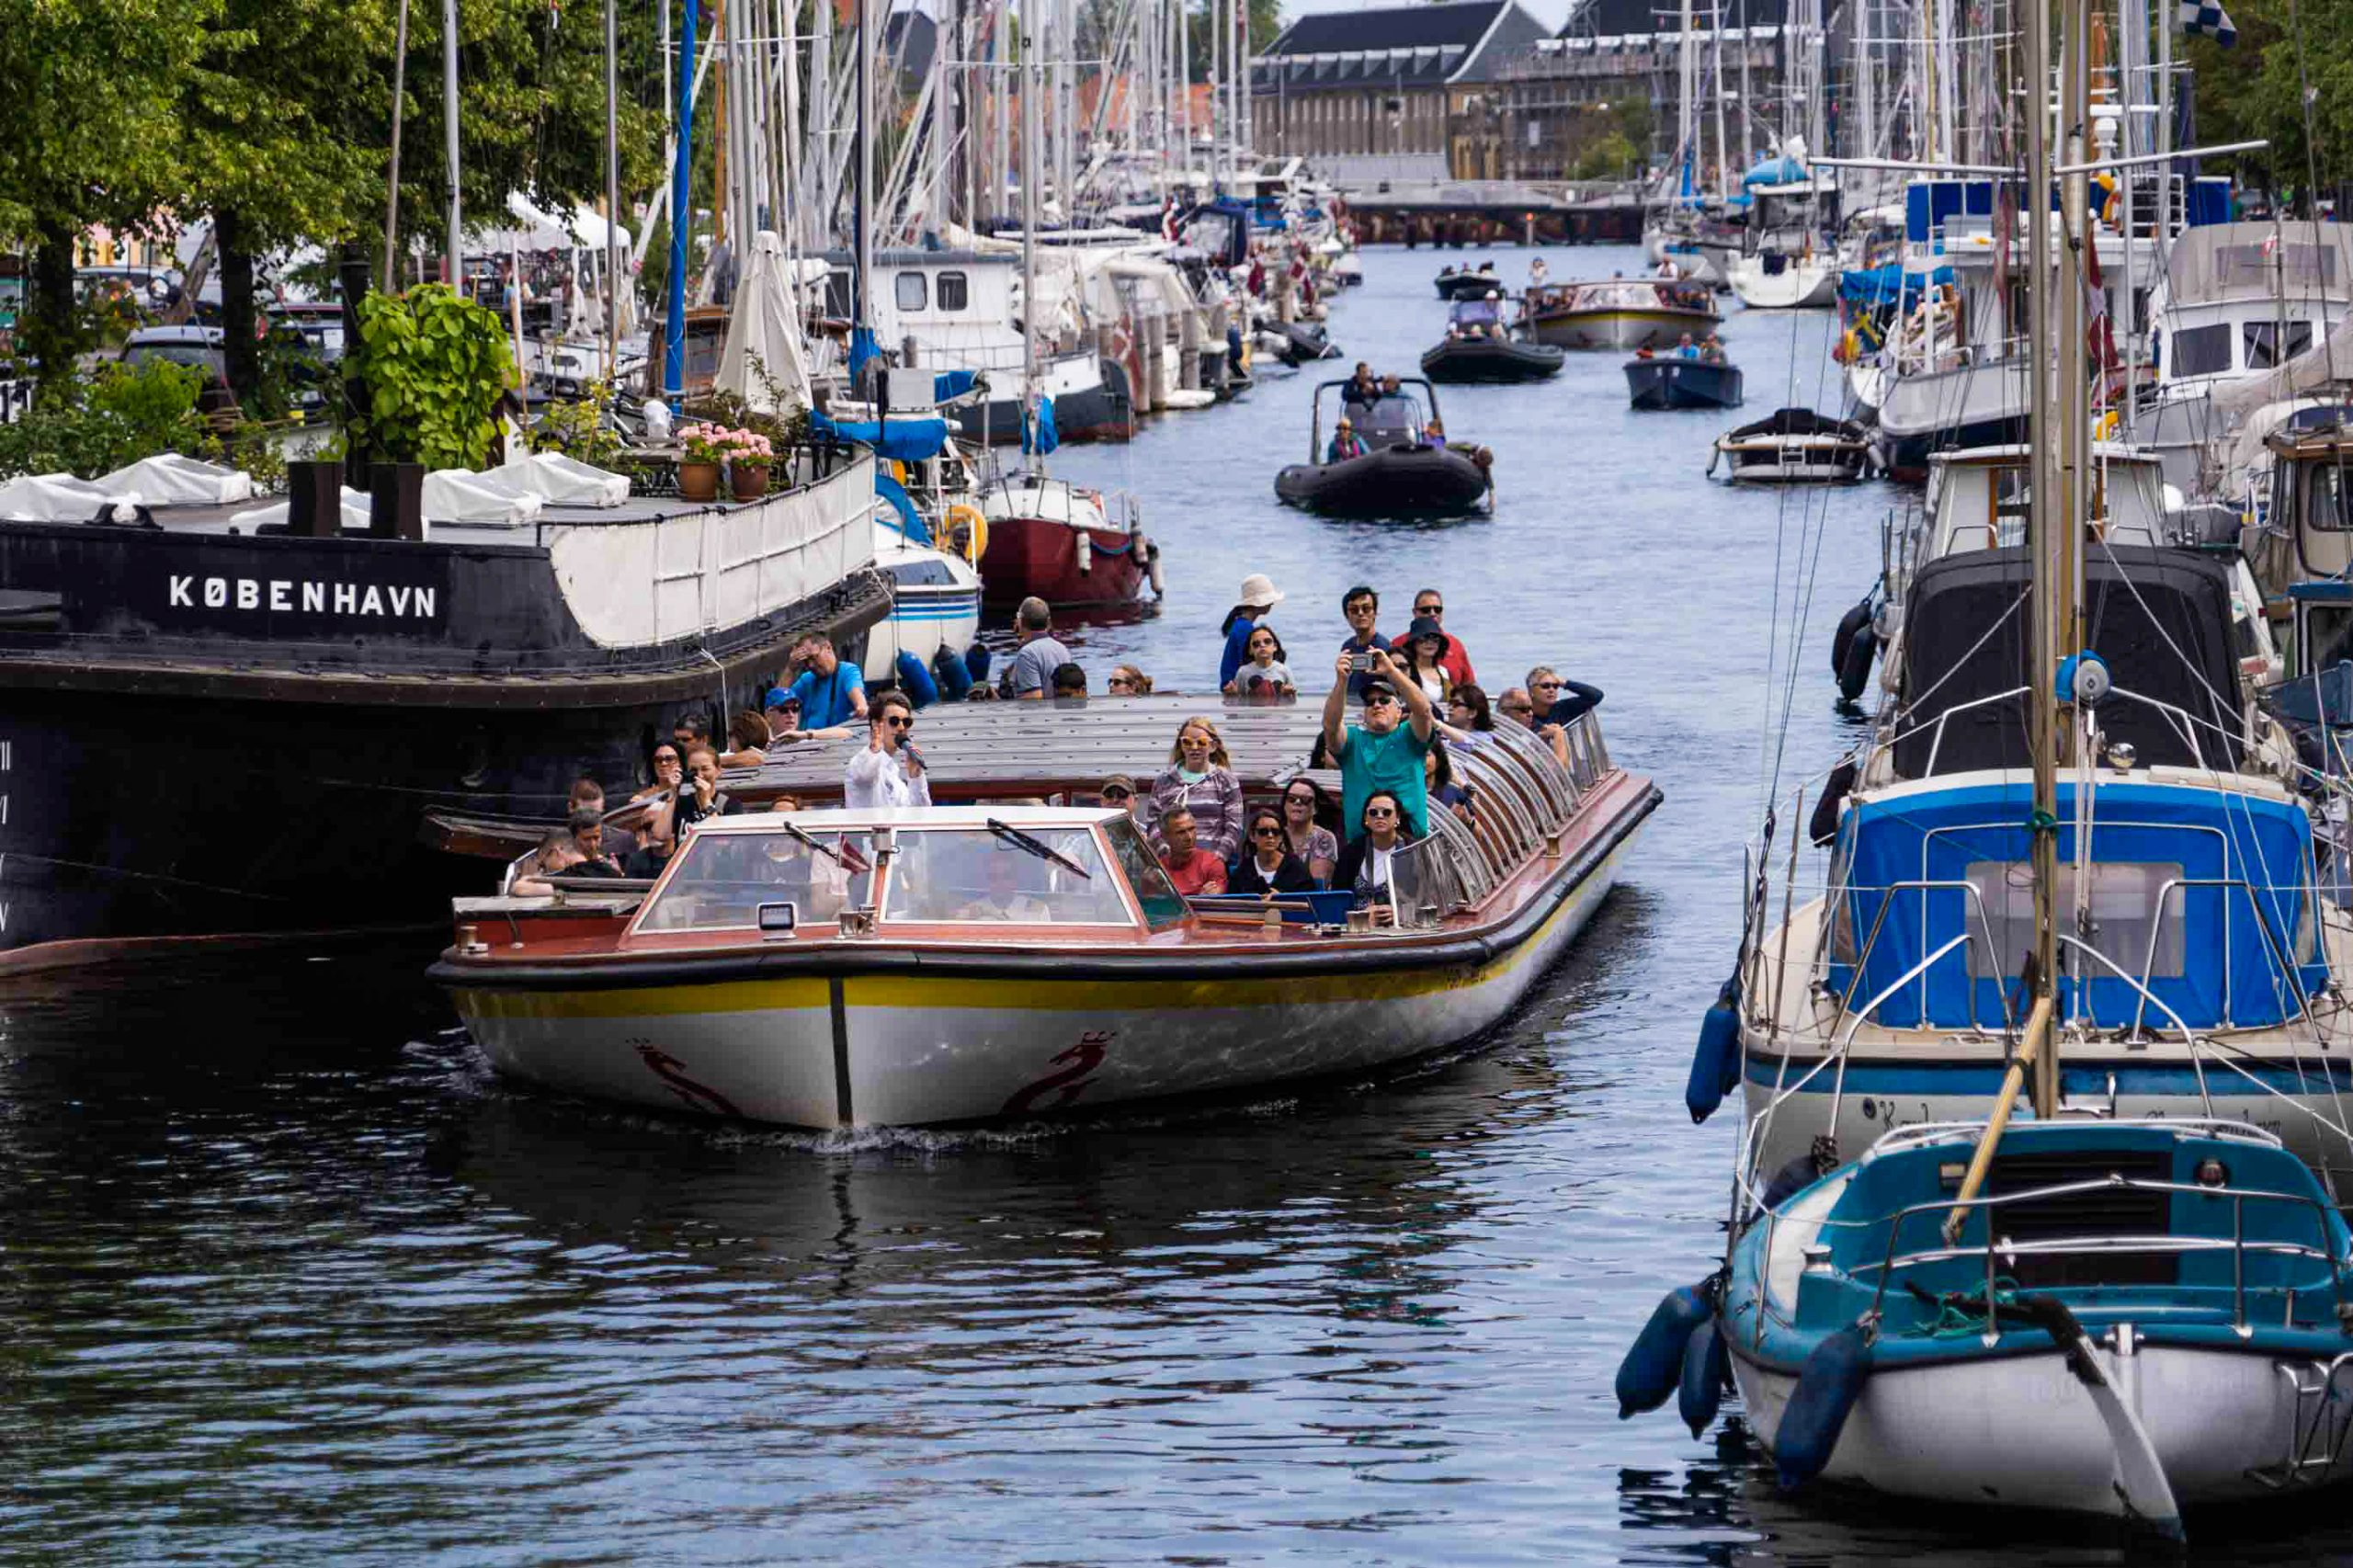 Kanalbådene fra Stromma har i snit plads til 168 passagerer, men under coronarestriktionerne sejles der kun med det halve antal. Foto: Stromma Danmark.